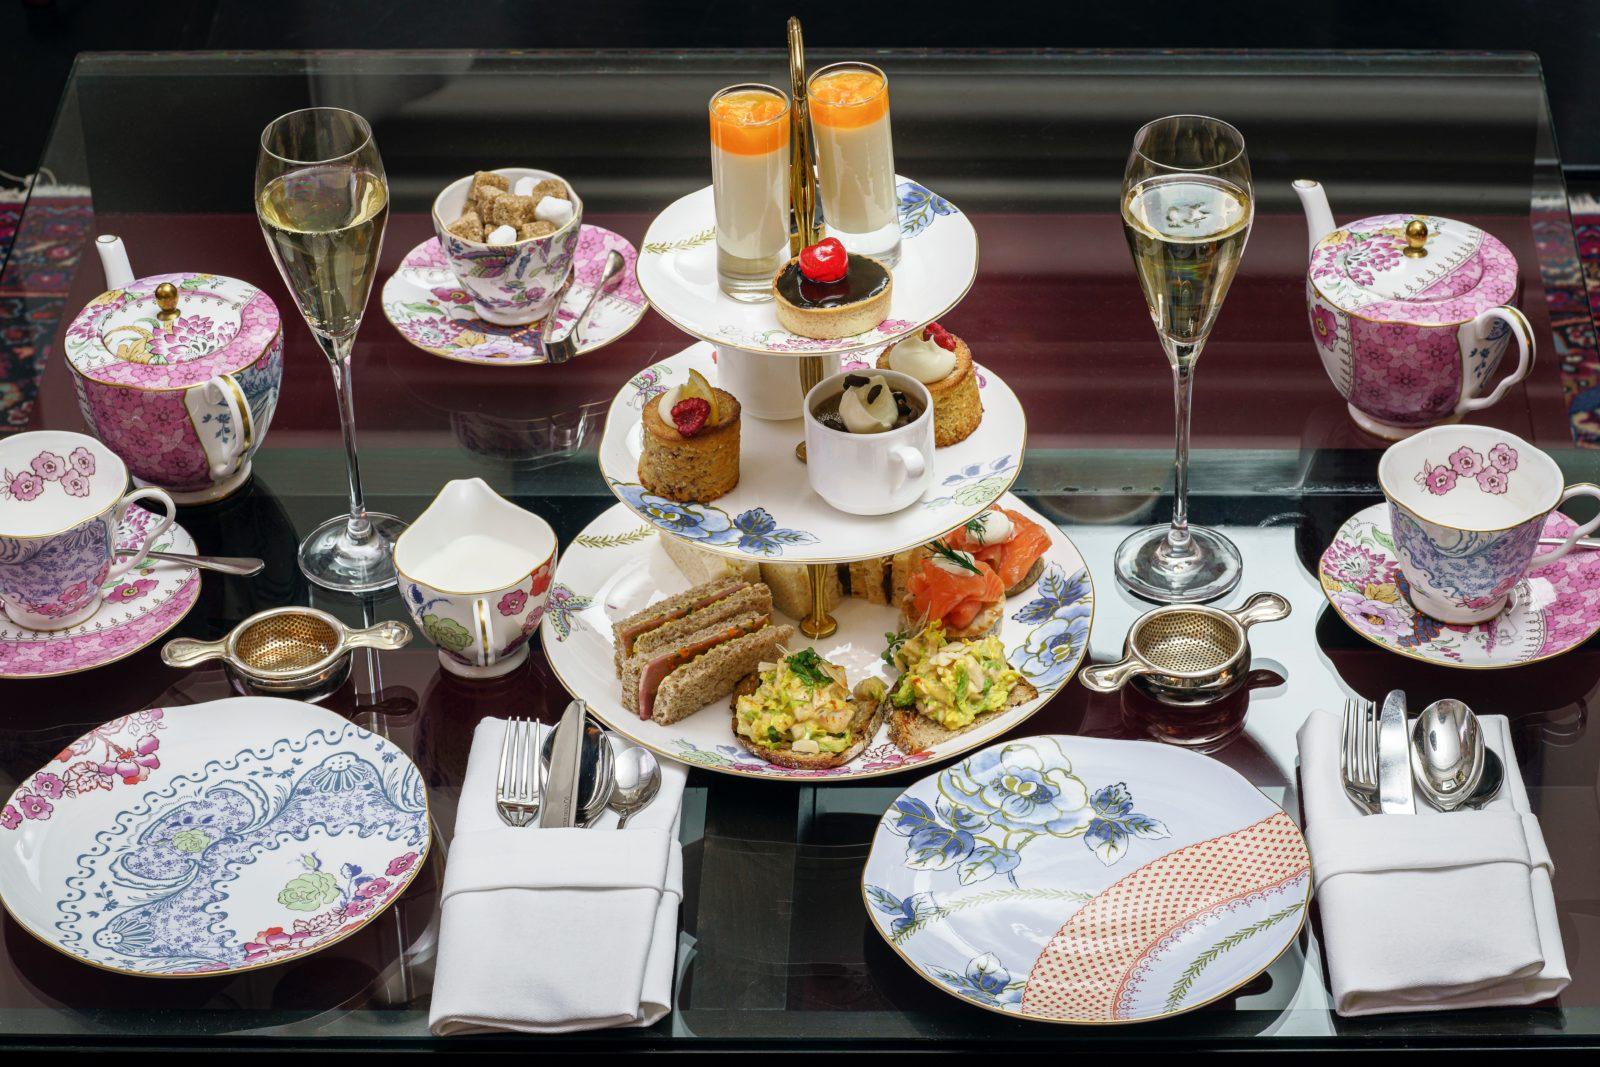 Tea and food pair wonderfully